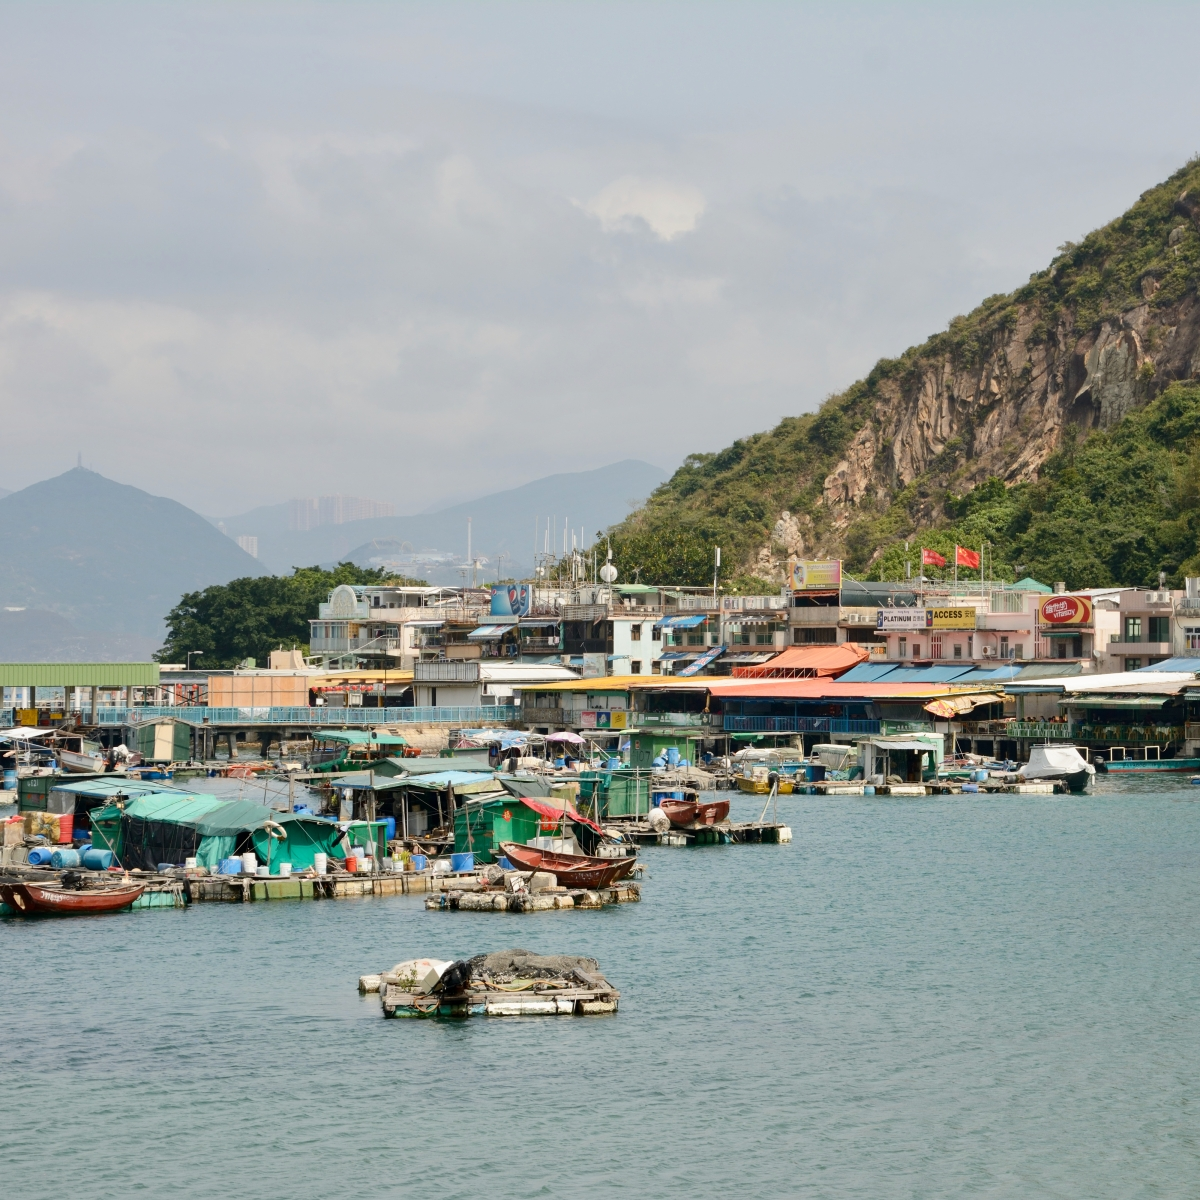 Lamma Island, Hong Kong | A Hike along the Island's FamilyTrail